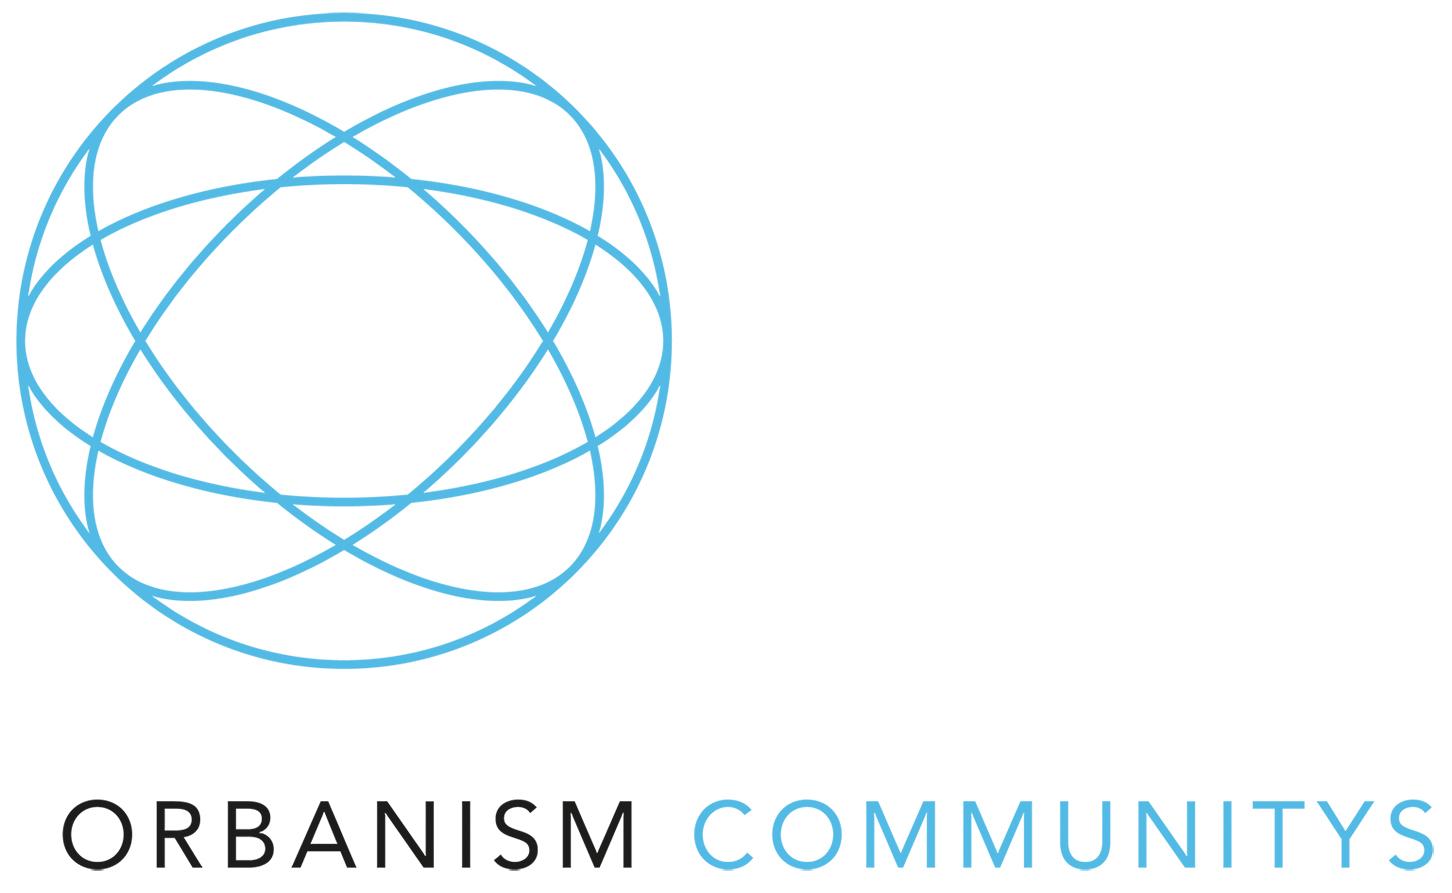 ORBANISM Communitys